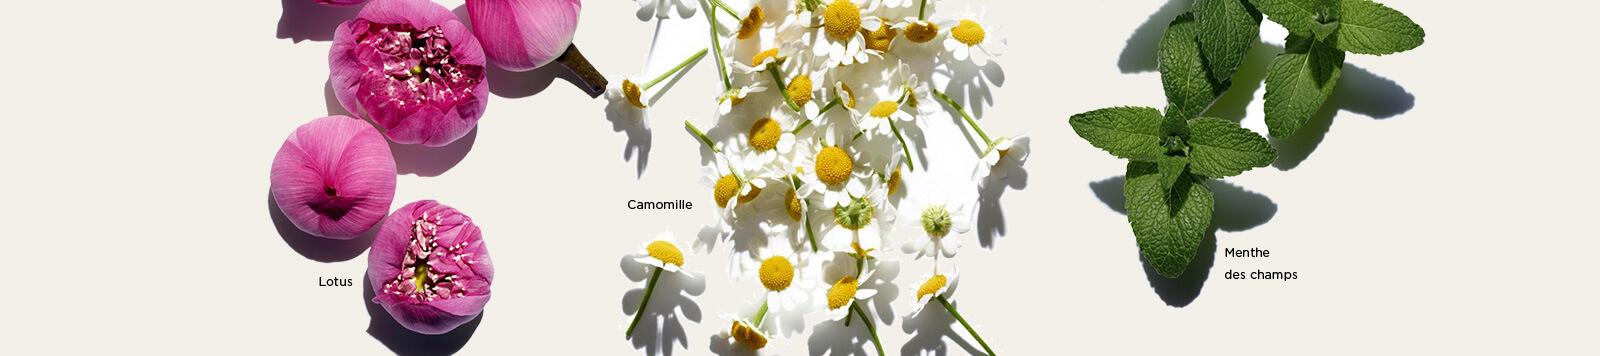 莲花、甘菊和薄荷成分